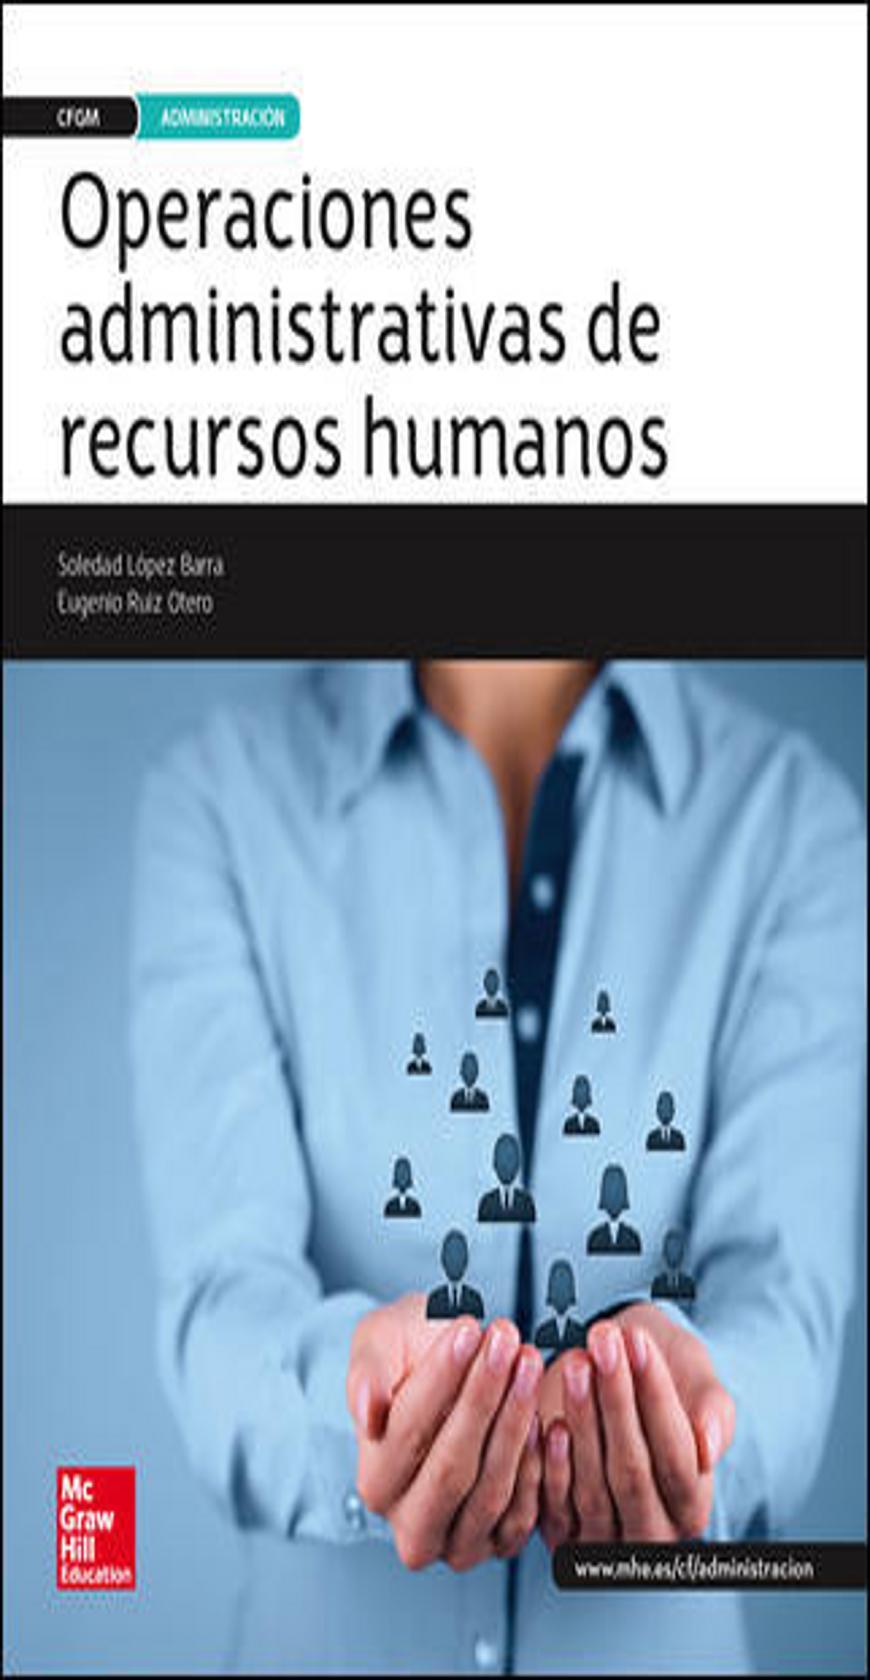 OPERACIONES ADMINISTRATIVAS DE RECURSOS HUMANOS SB - Ed 2015